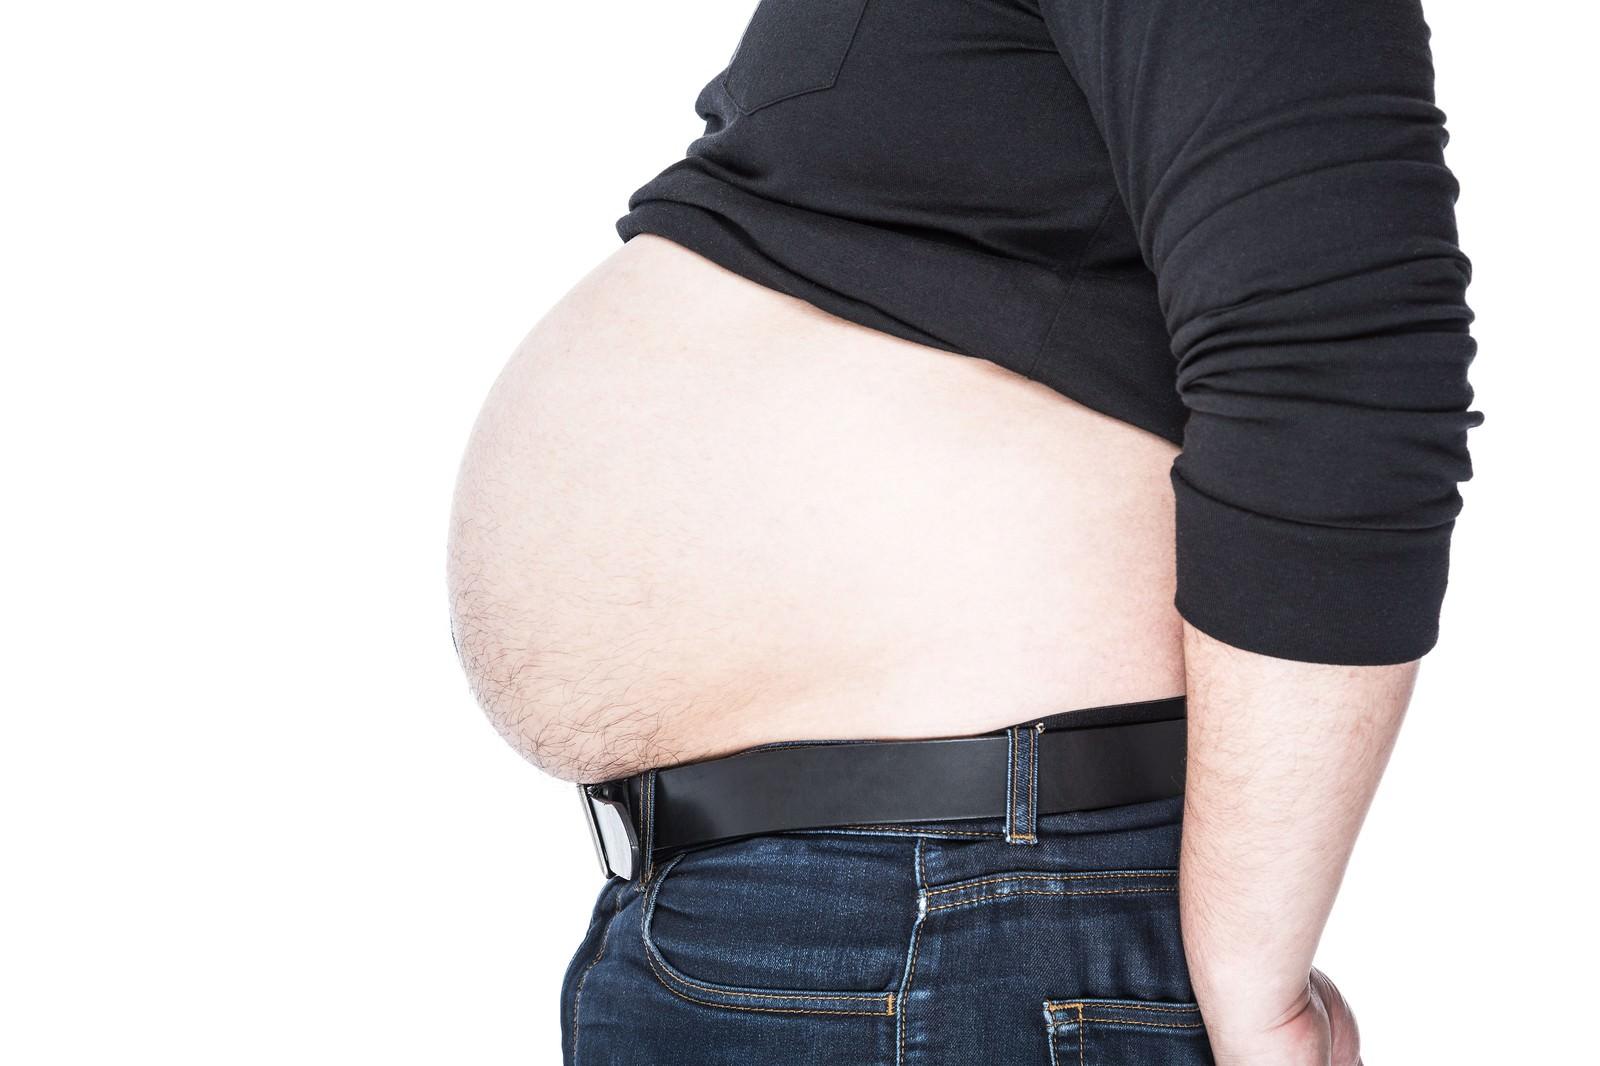 「皮下脂肪をアピールするグラマラスフトイ皮下脂肪をアピールするグラマラスフトイ」[モデル:朽木誠一郎]のフリー写真素材を拡大